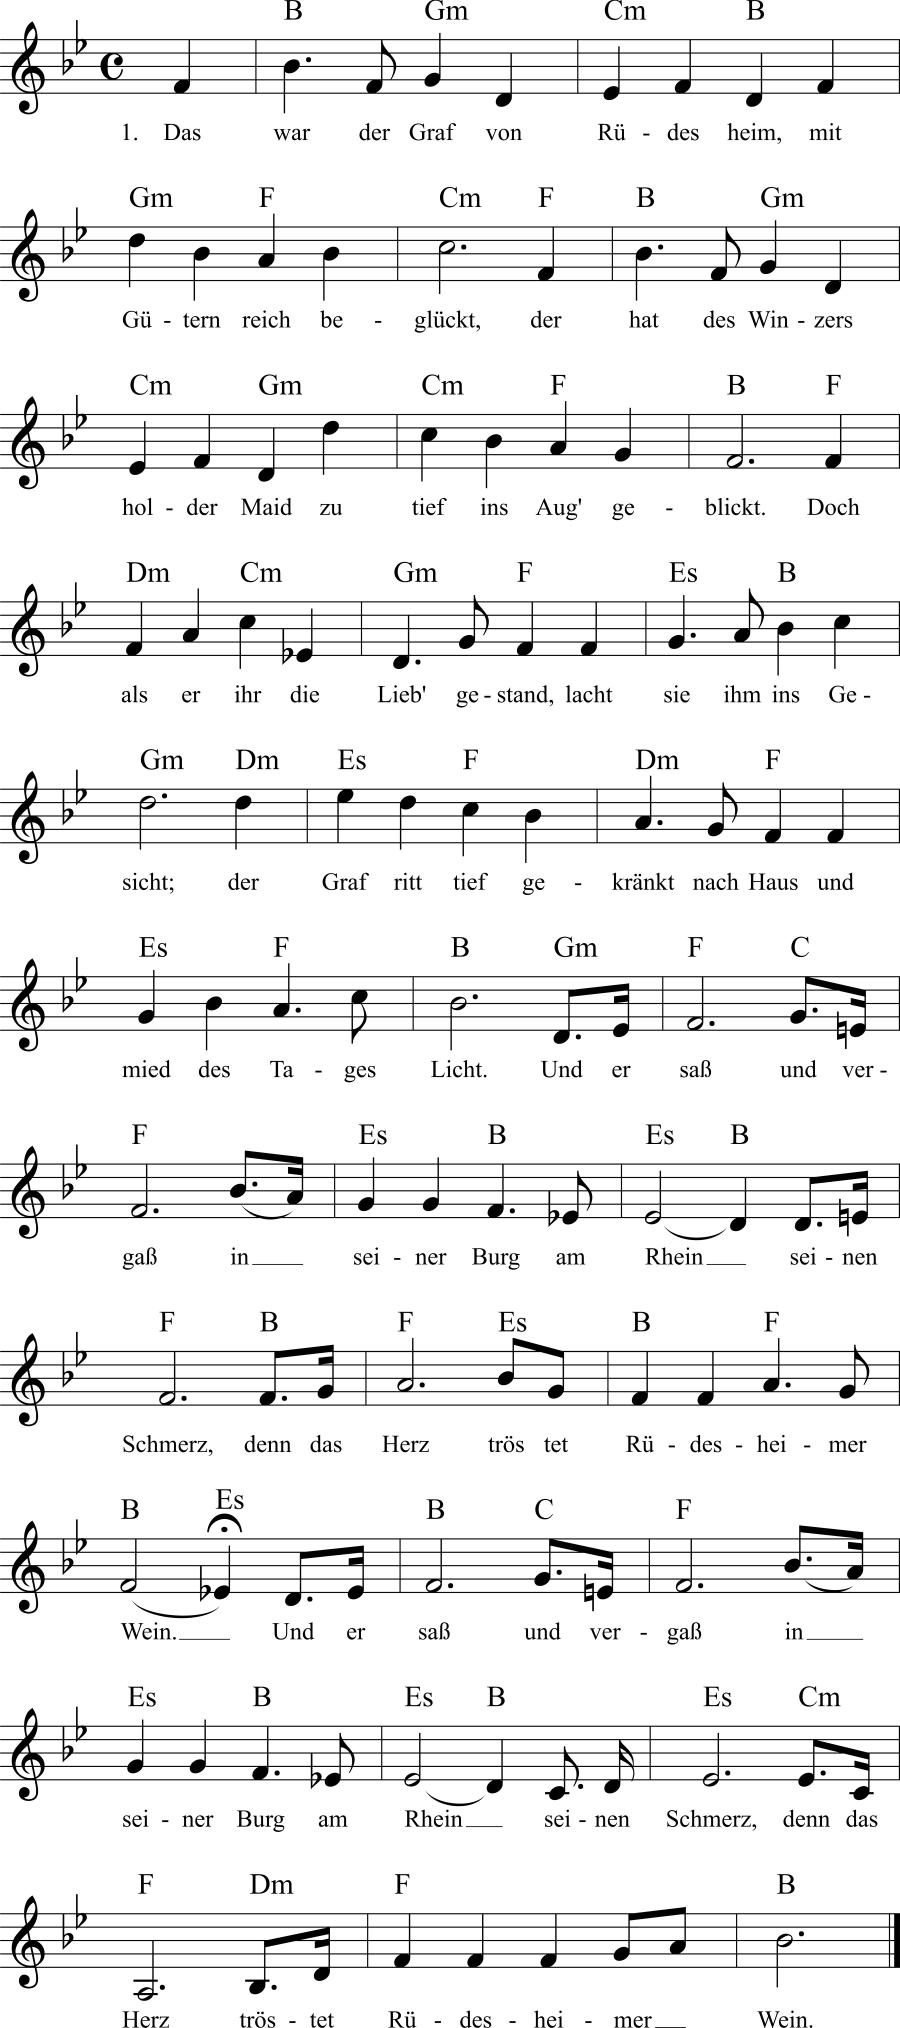 Musiknoten zum Lied Der Graf von Rüdesheim